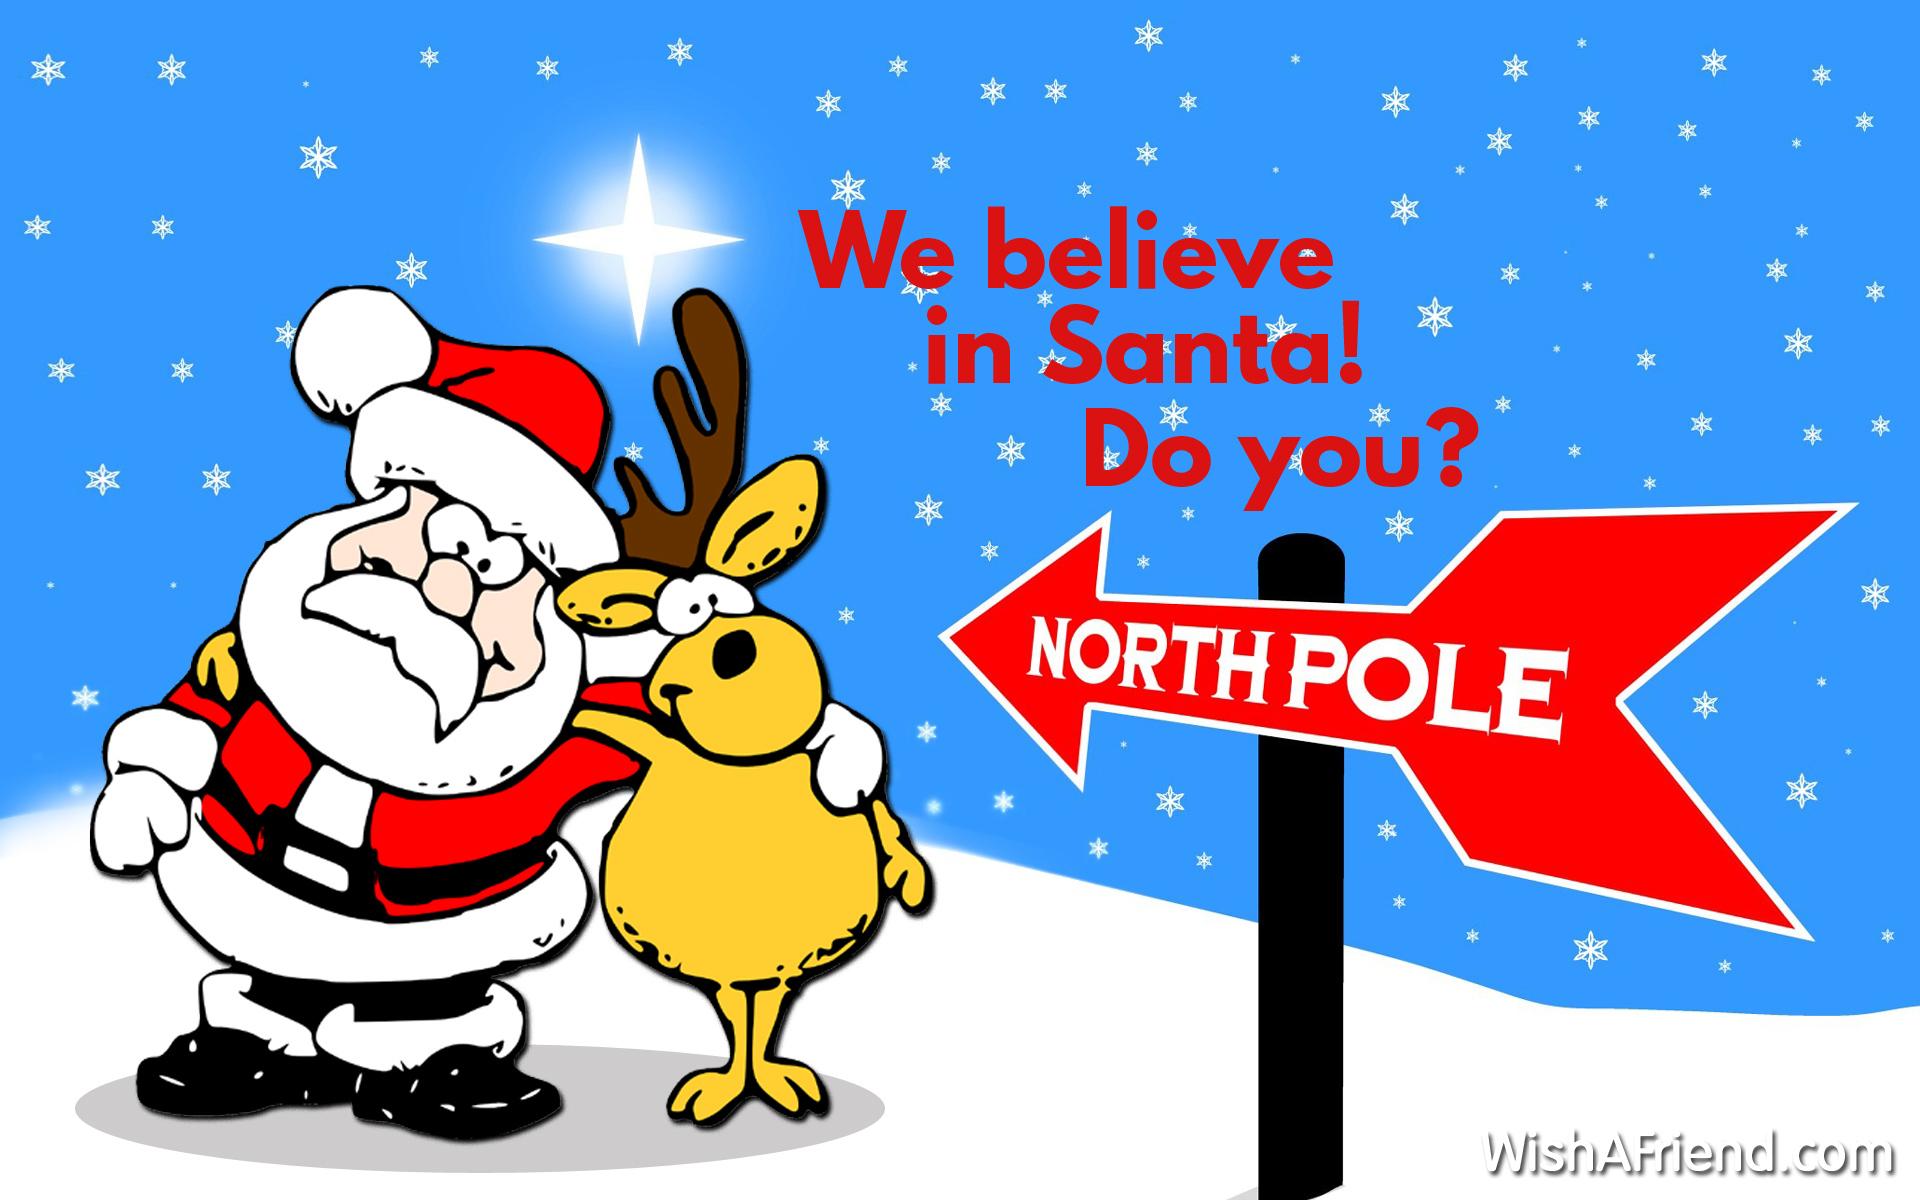 We believe in Santa! Do